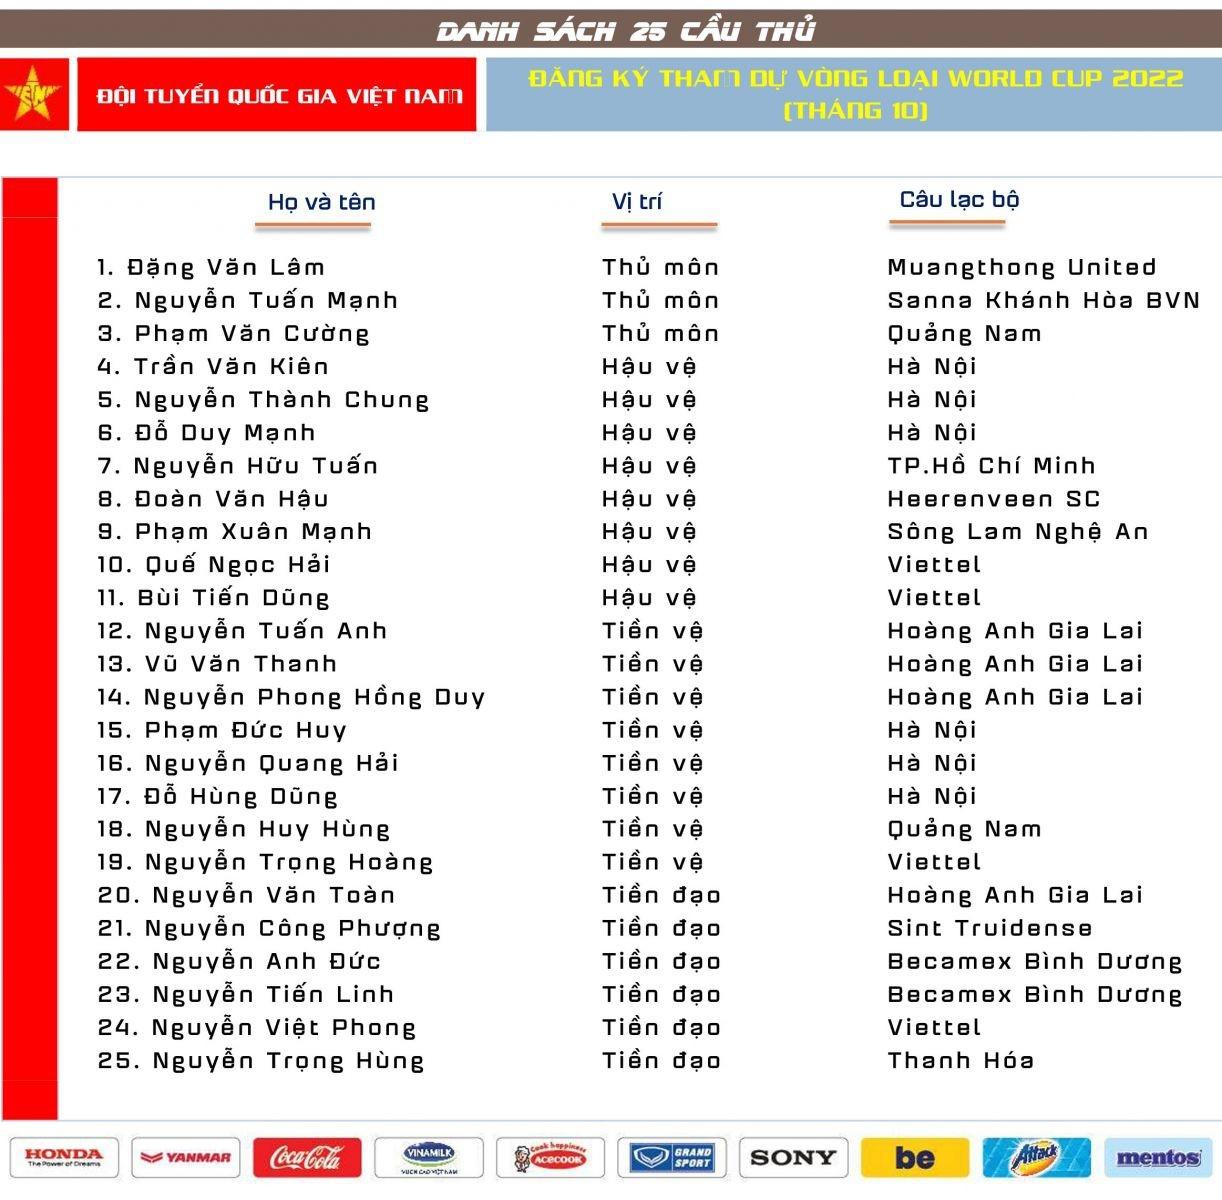 danh sach 25 cau thu dtvn chinh thuc tham du vong loai world cup 2022 moi nhat